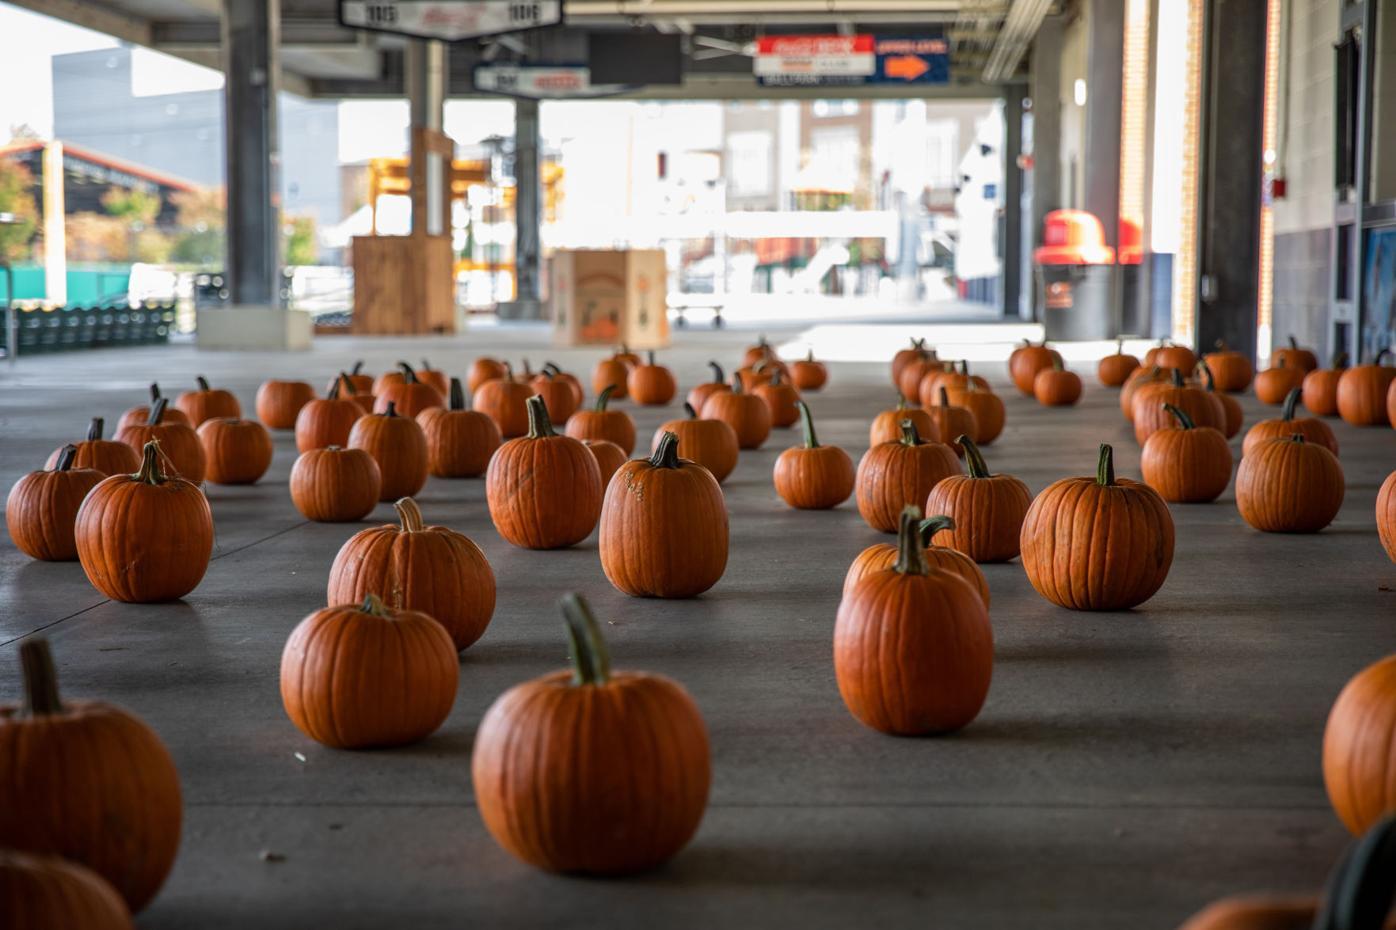 News_hotrodspumpkin100920-2.jpg